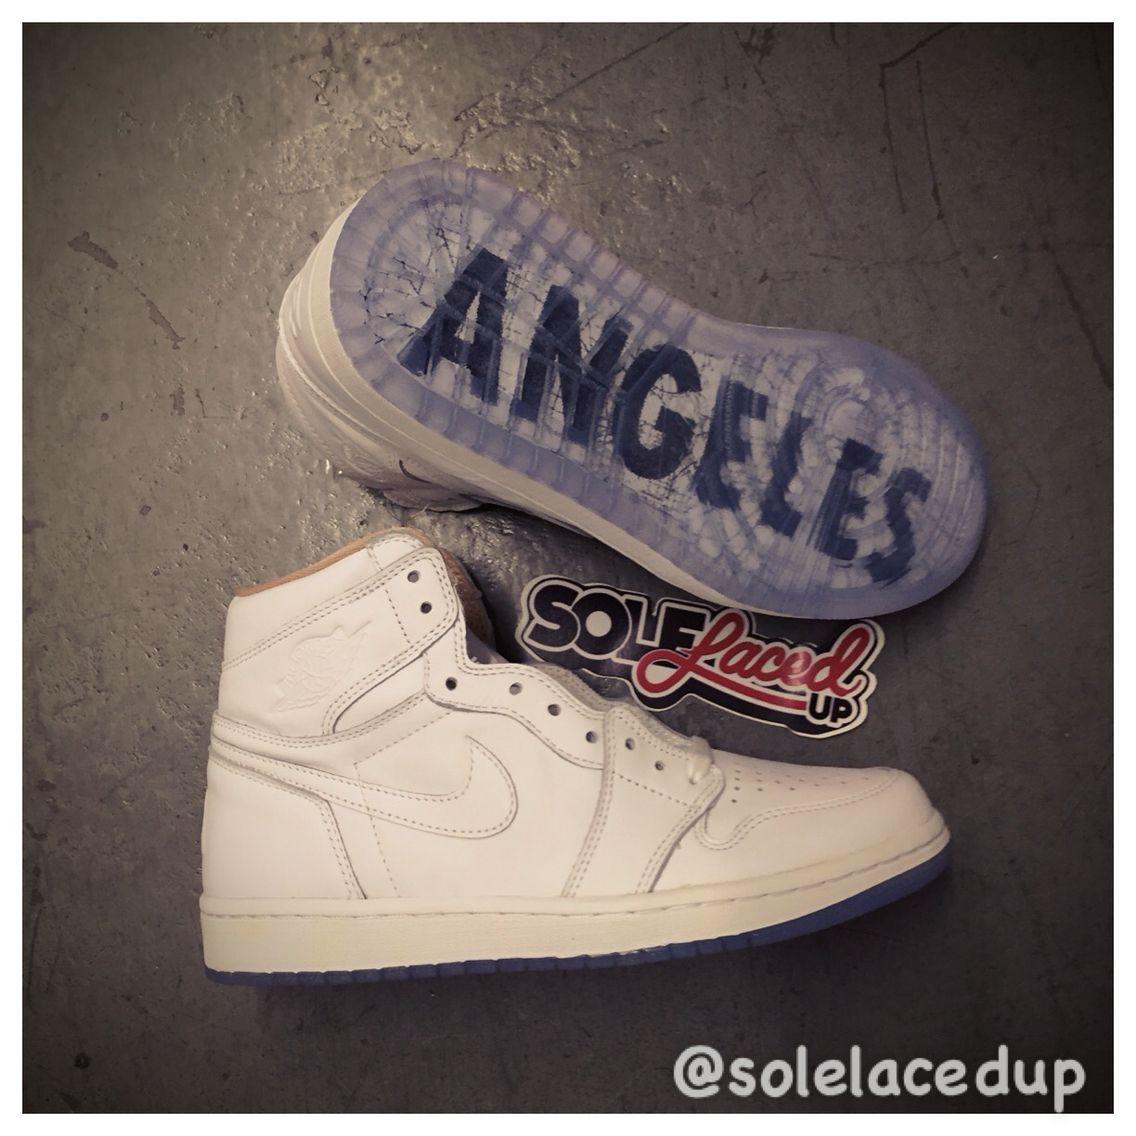 b3c1ec4ea5f2 AJ 1 LOS ANGELES Solelacedup.com Dress Codes